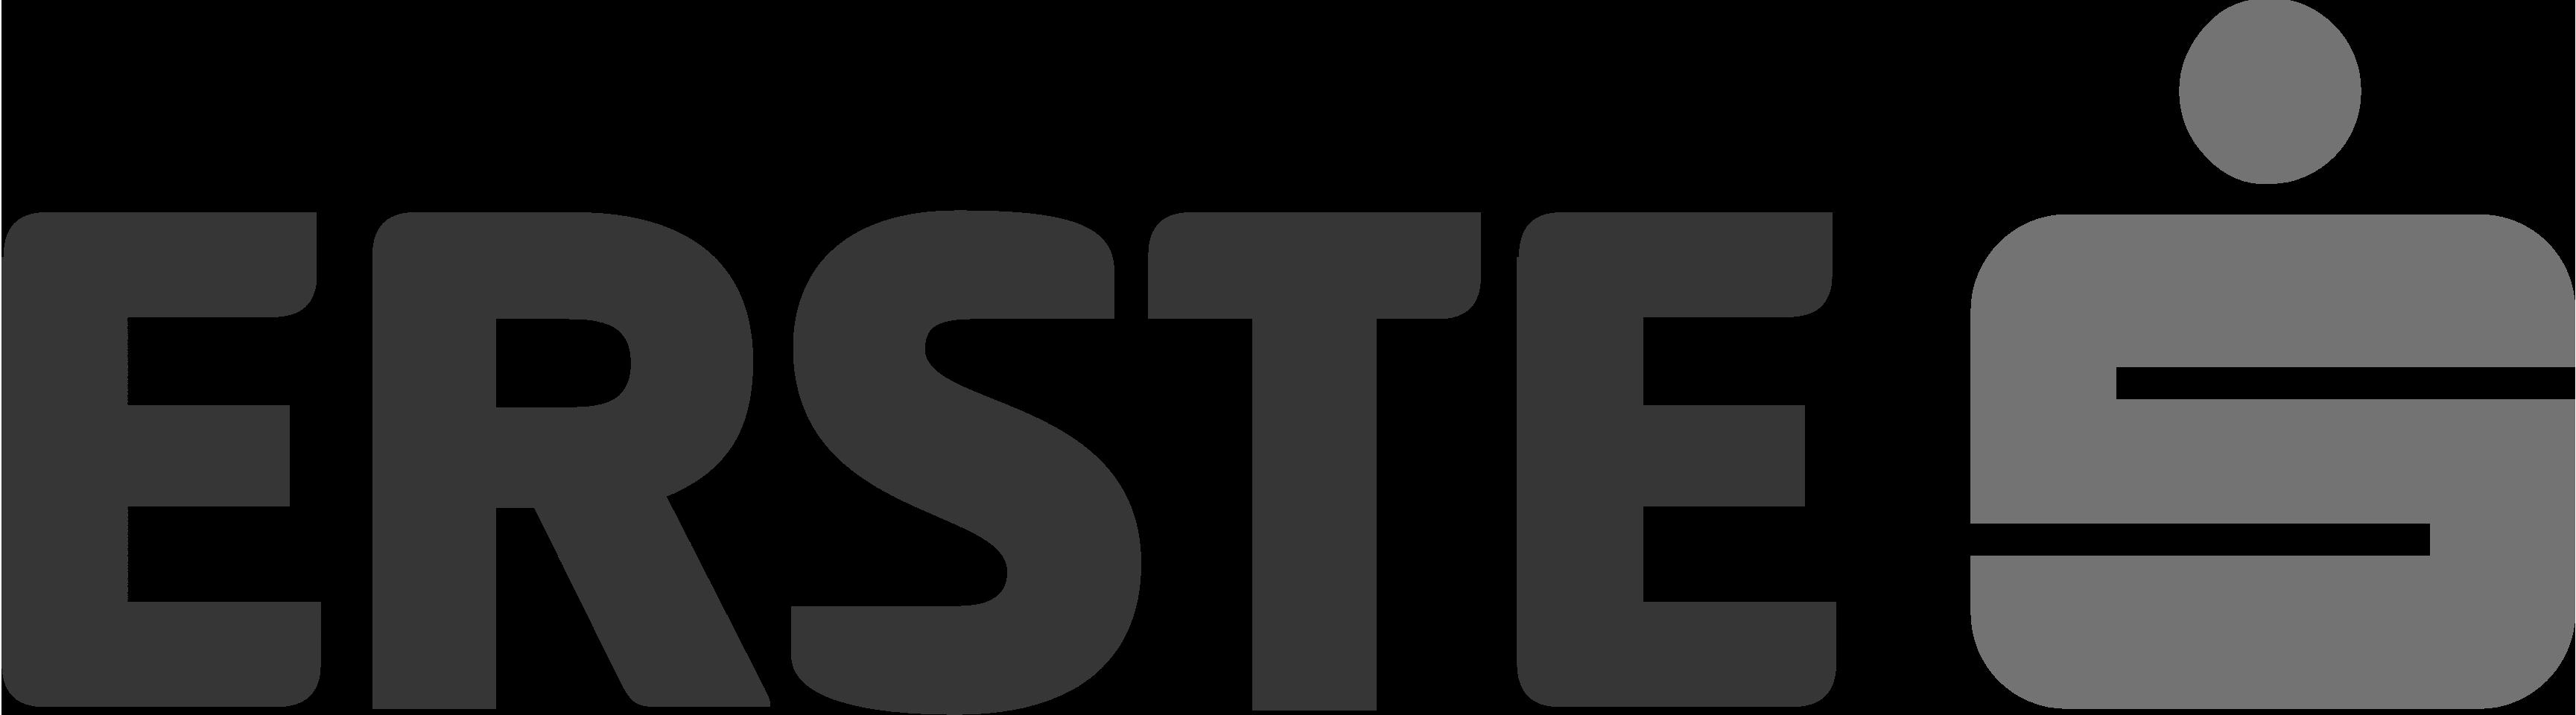 Erste_Bank_logo_logotype copy